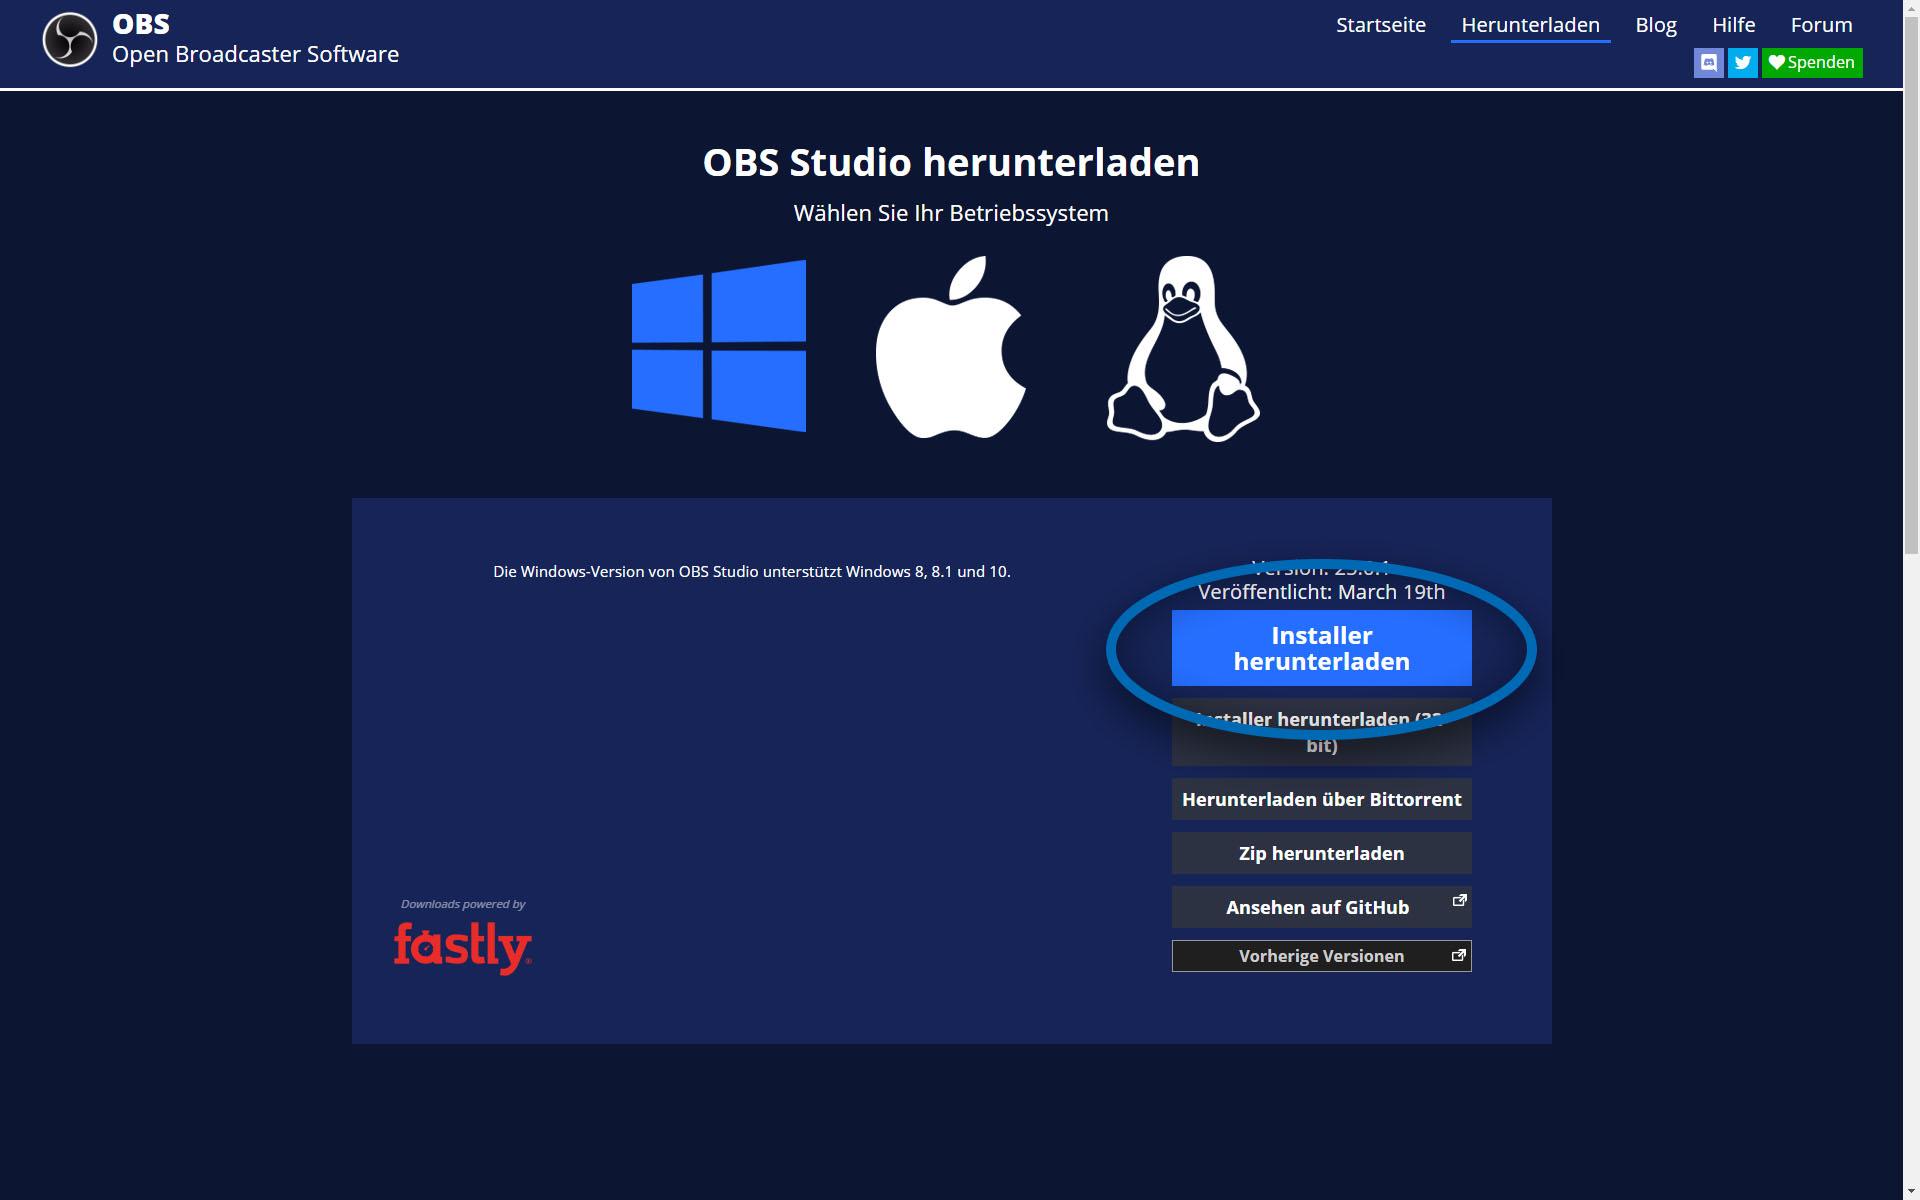 Screenshot der Download-Webseite für OBS Studio. Der Download-Button ist hervorgehoben.